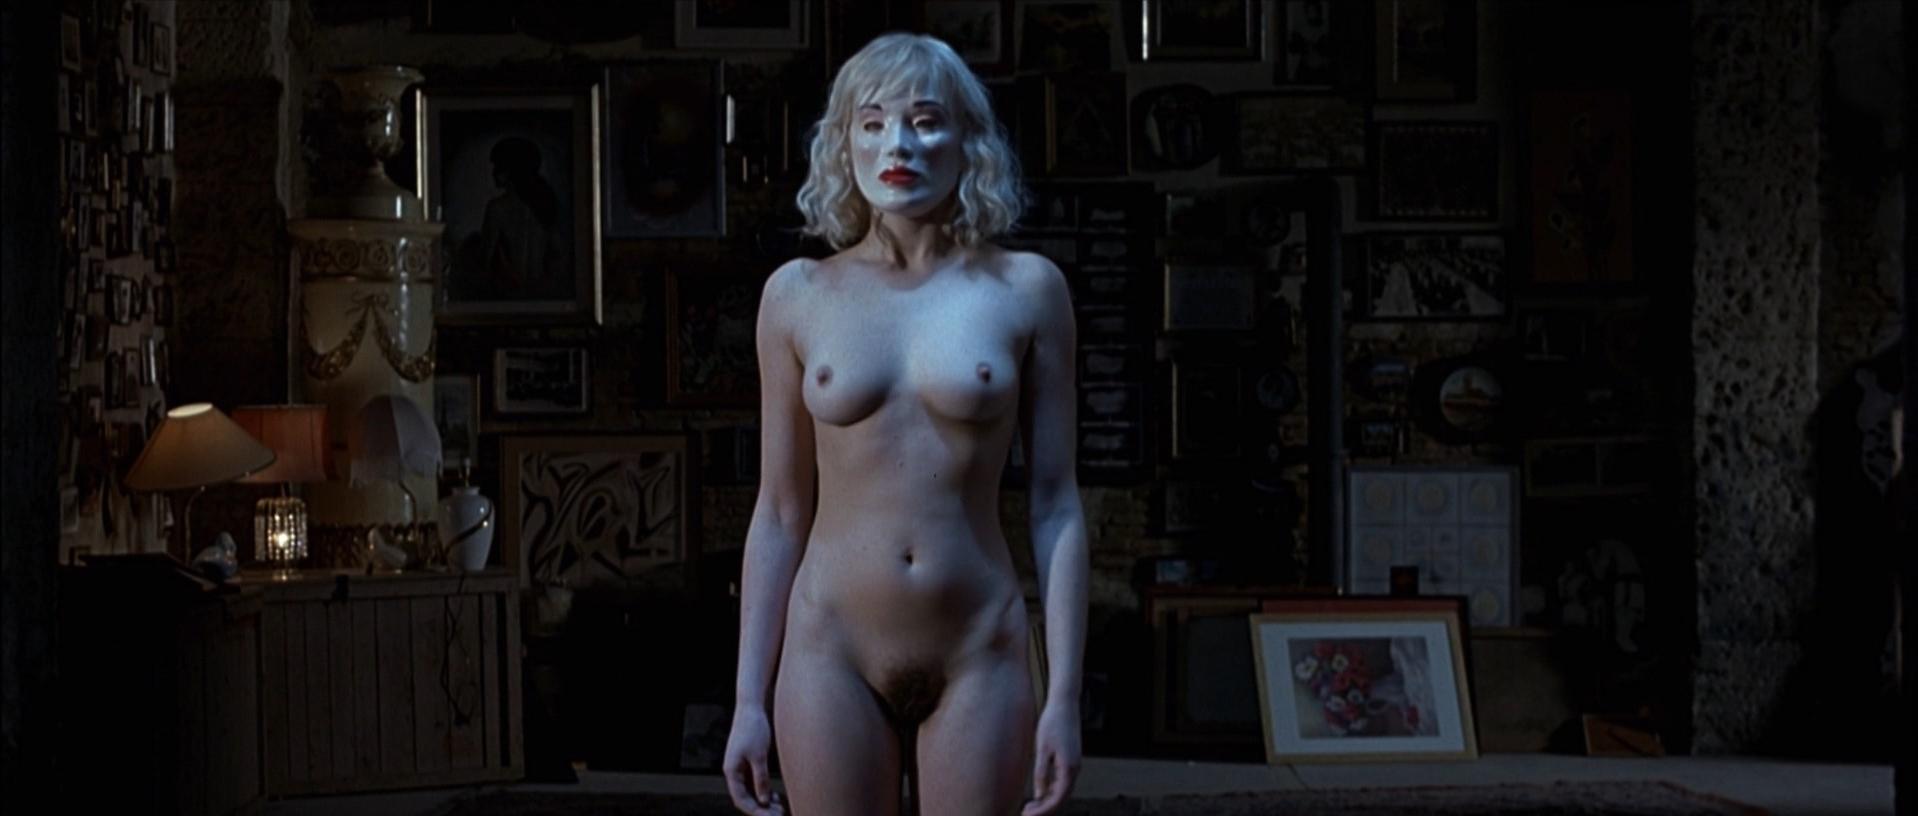 Deborah francois nude in my queen karo 2009 7